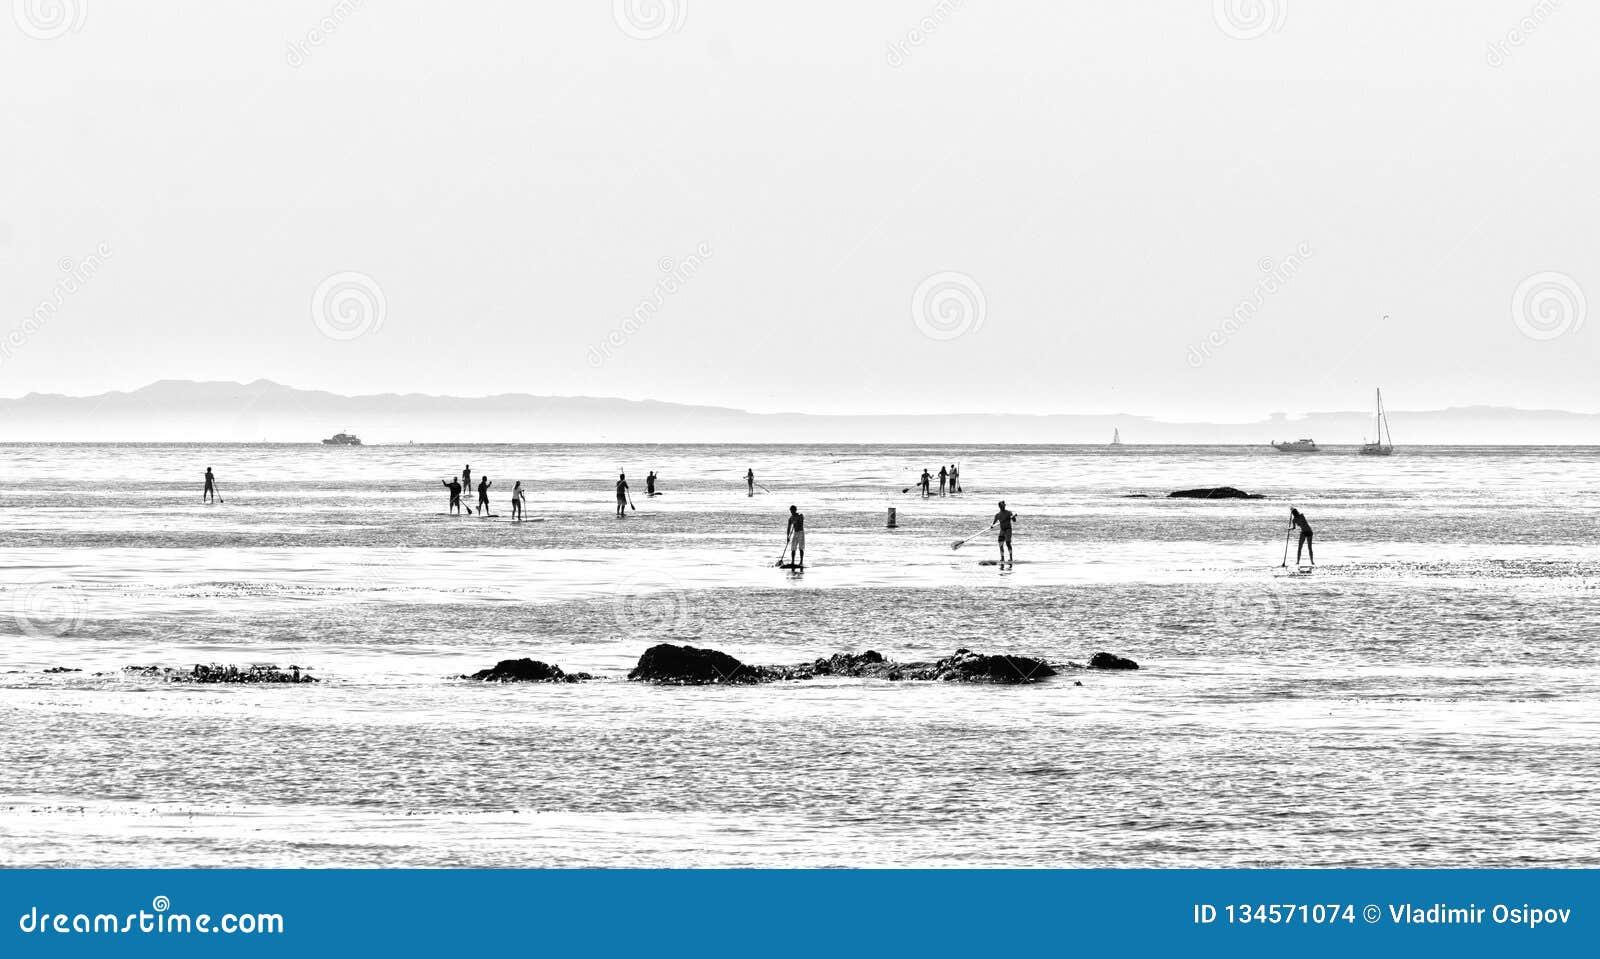 Οι άνθρωποι κάνουν σερφ τους πίνακες ΓΟΥΛΙΑΣ κατά μήκος της ακτής του Σαν Ντιέγκο Καλιφόρνια ΗΠΑ Μια γραπτή φωτογραφία σε ένα min